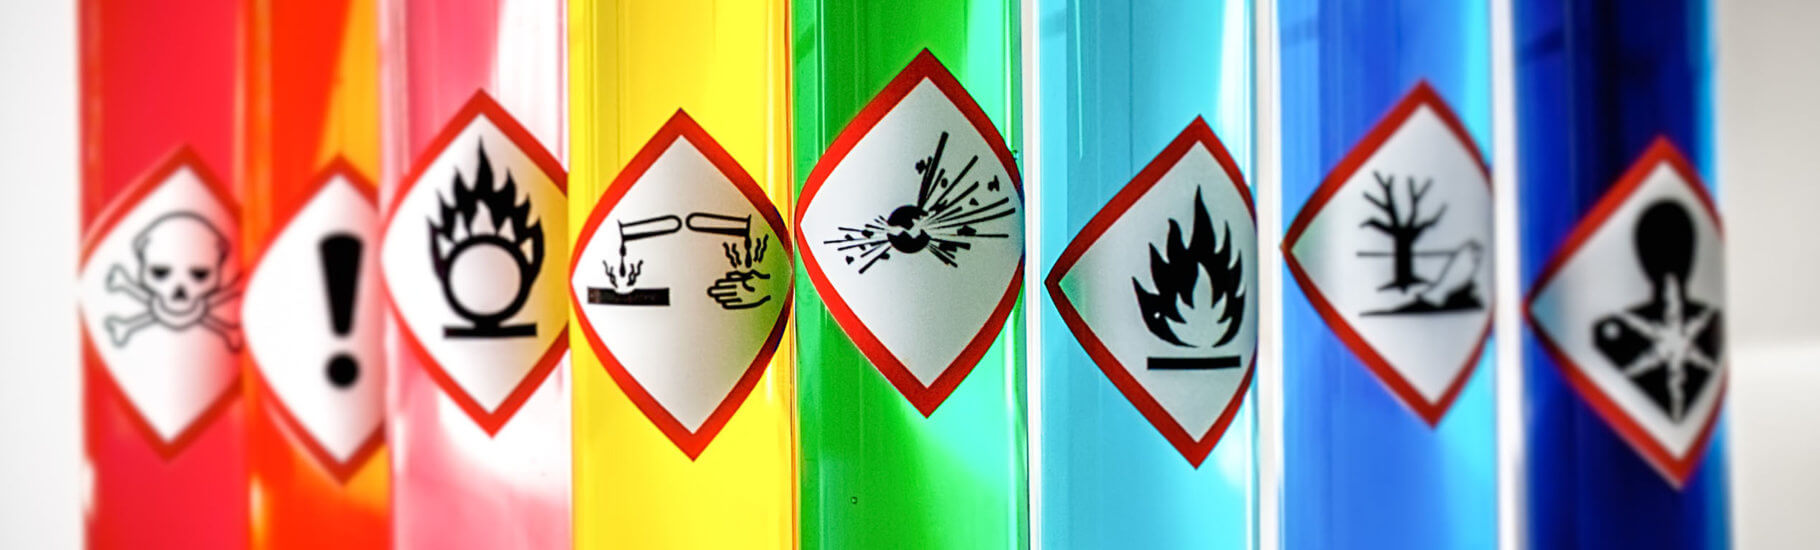 mplus-sicherheit-im-unternehmen